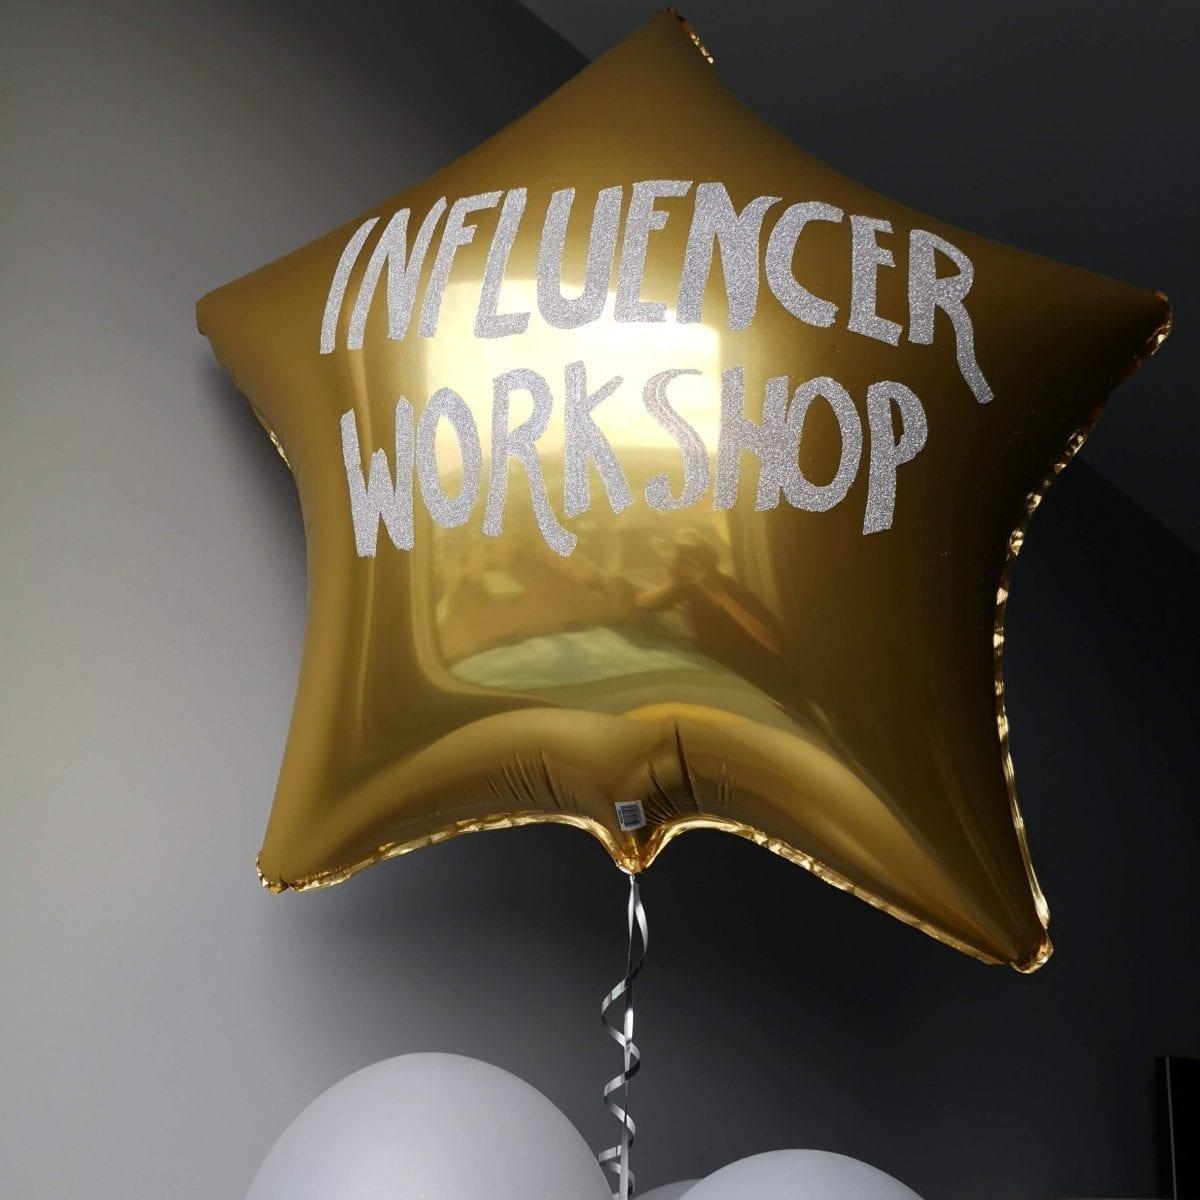 influencer workshop